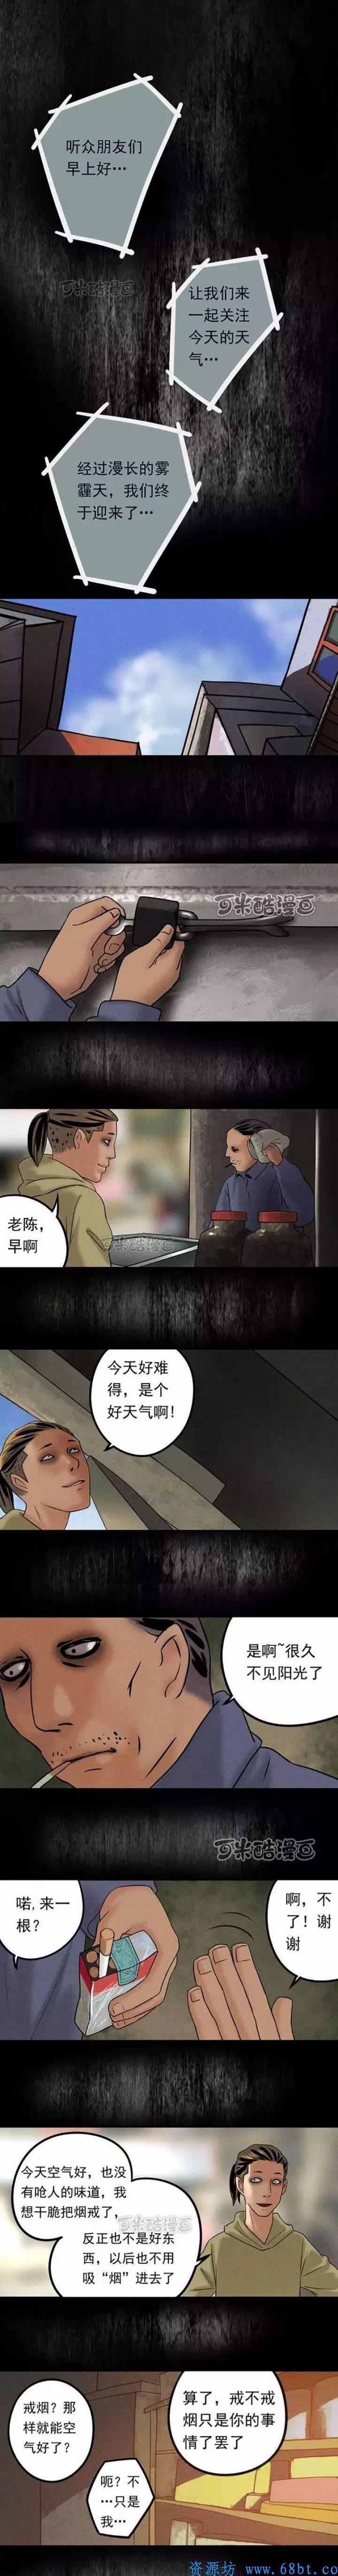 [恐怖漫画] 城,恐怖漫画,第8张